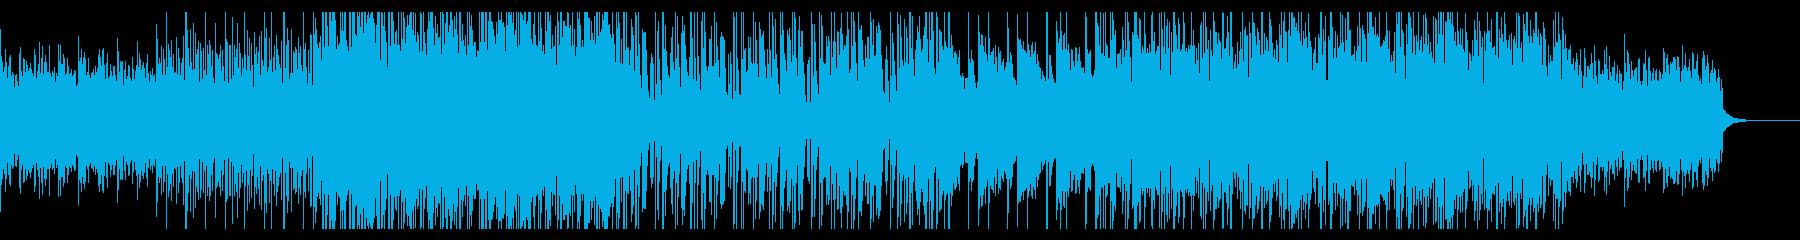 ピアノ伴奏 寂しいトラップBGMの再生済みの波形